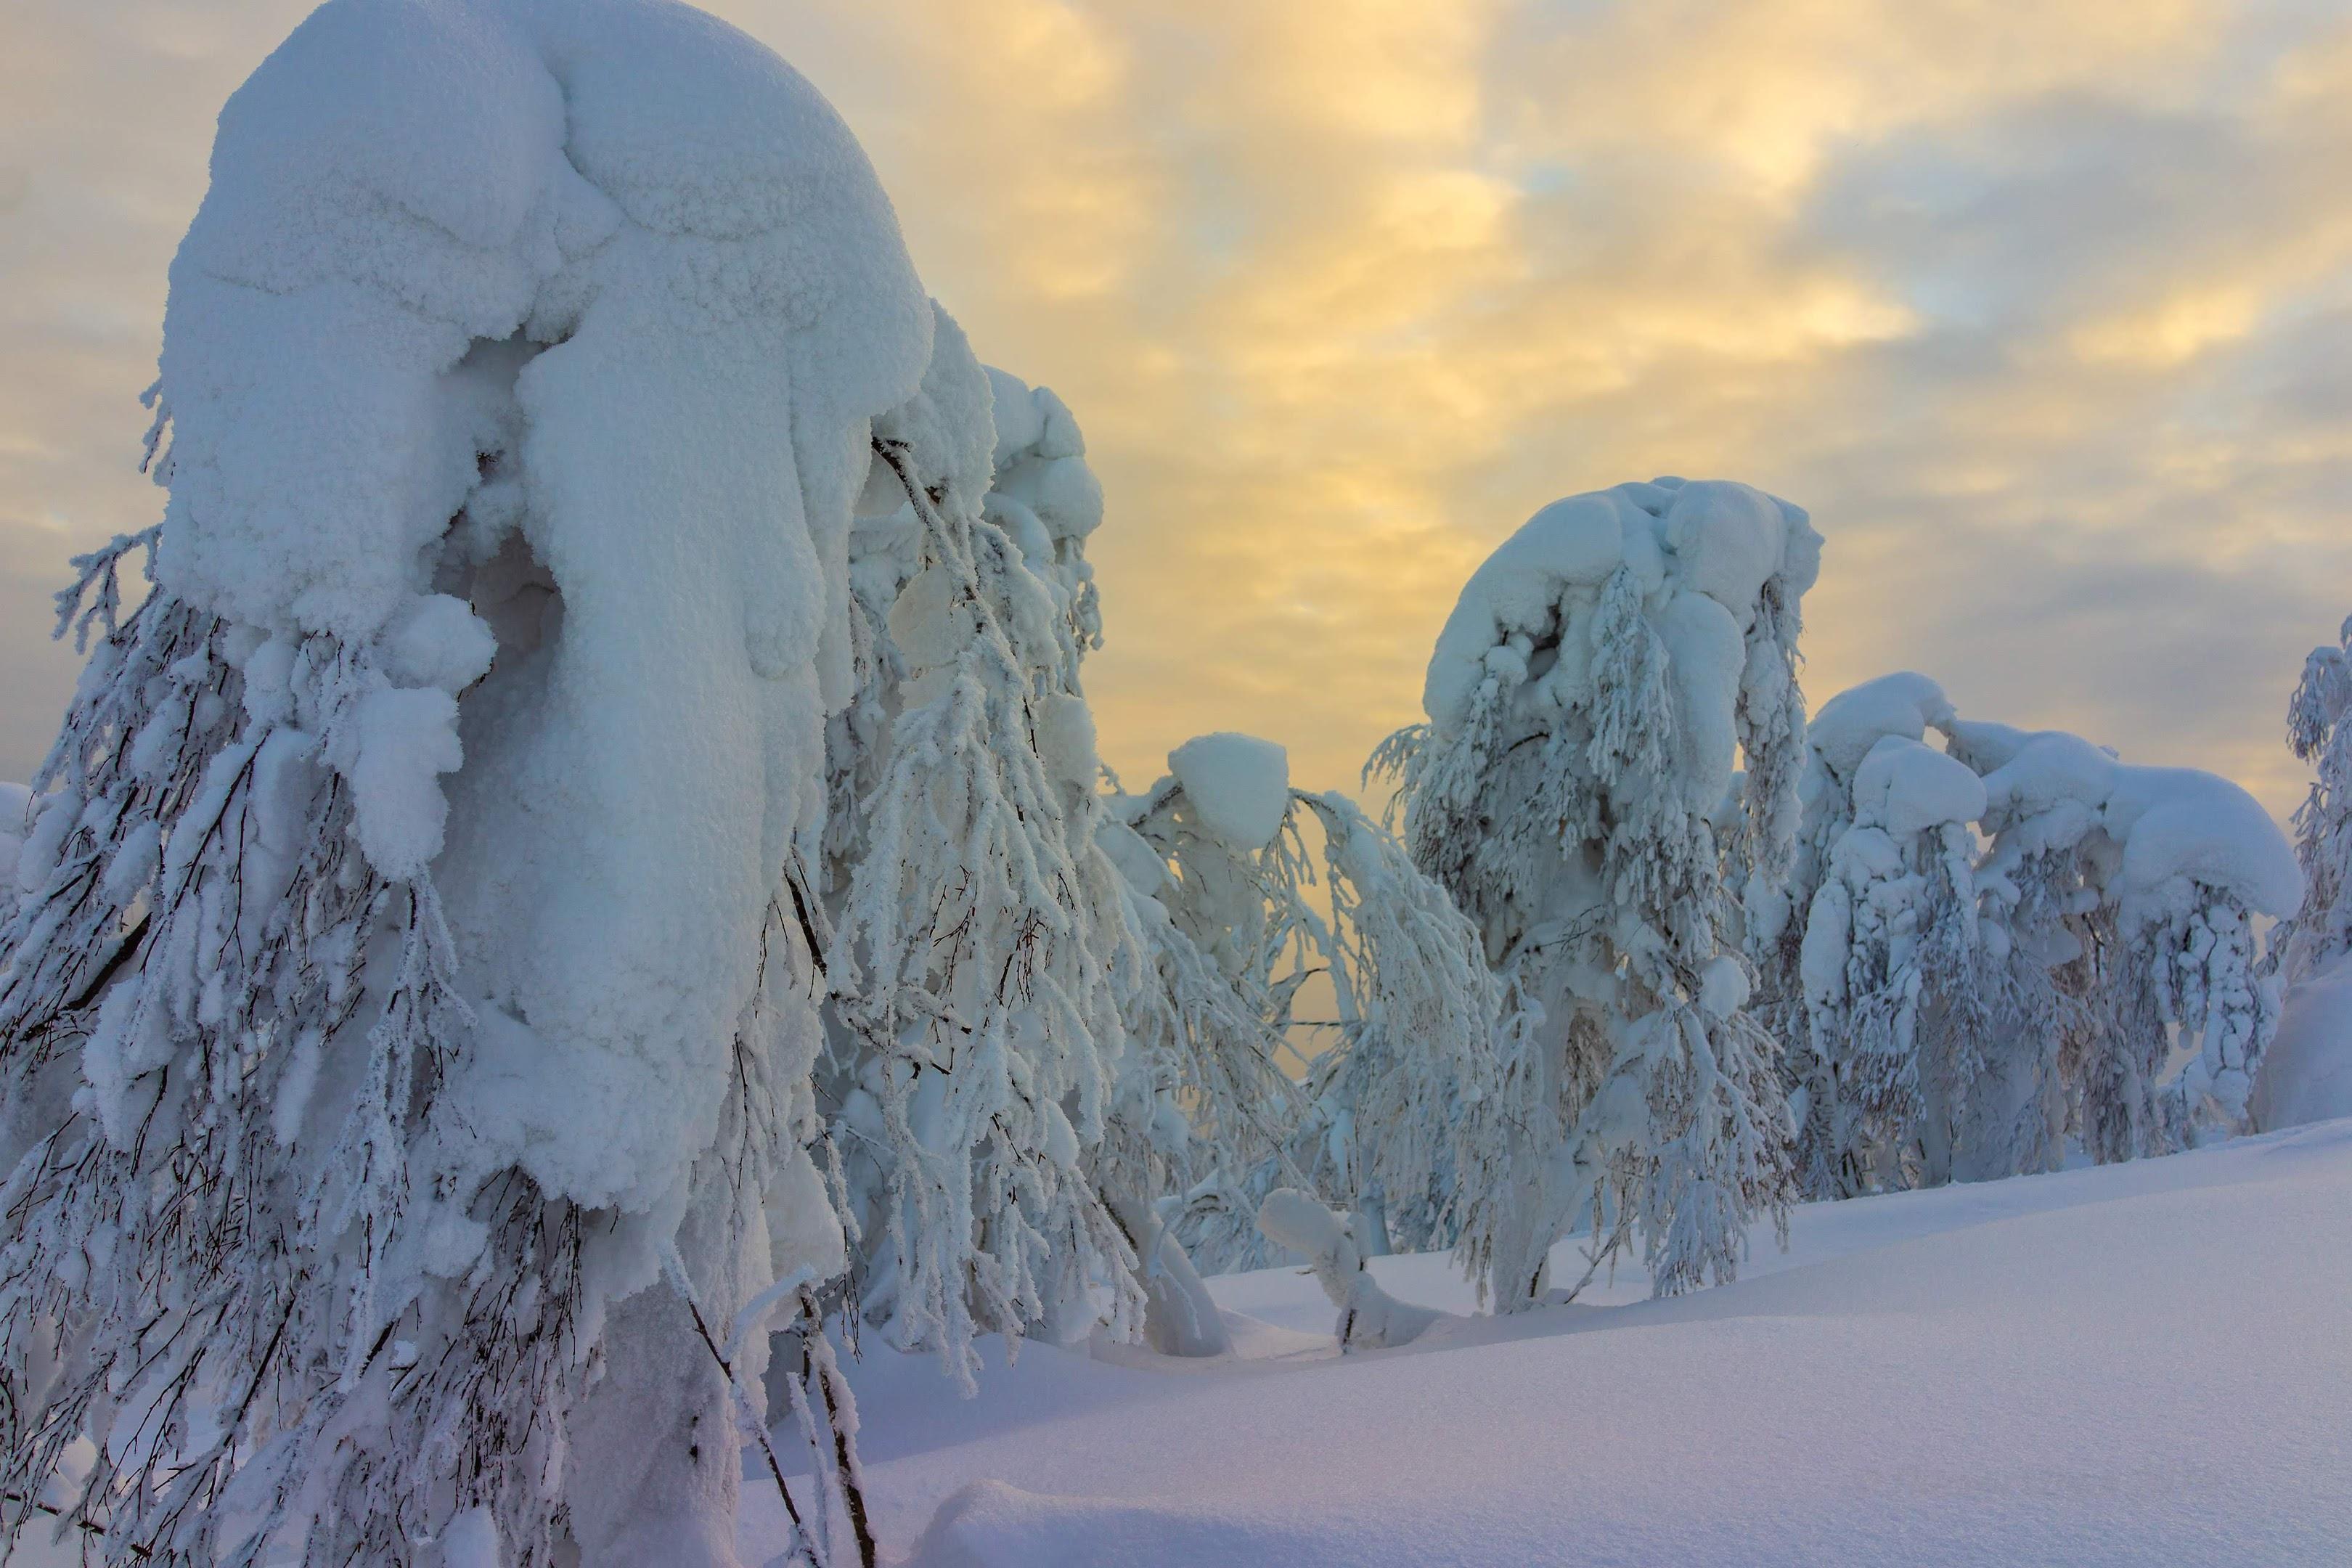 Снег на елях. Вот поэтому деревья на вершинах гор и не вырастают.